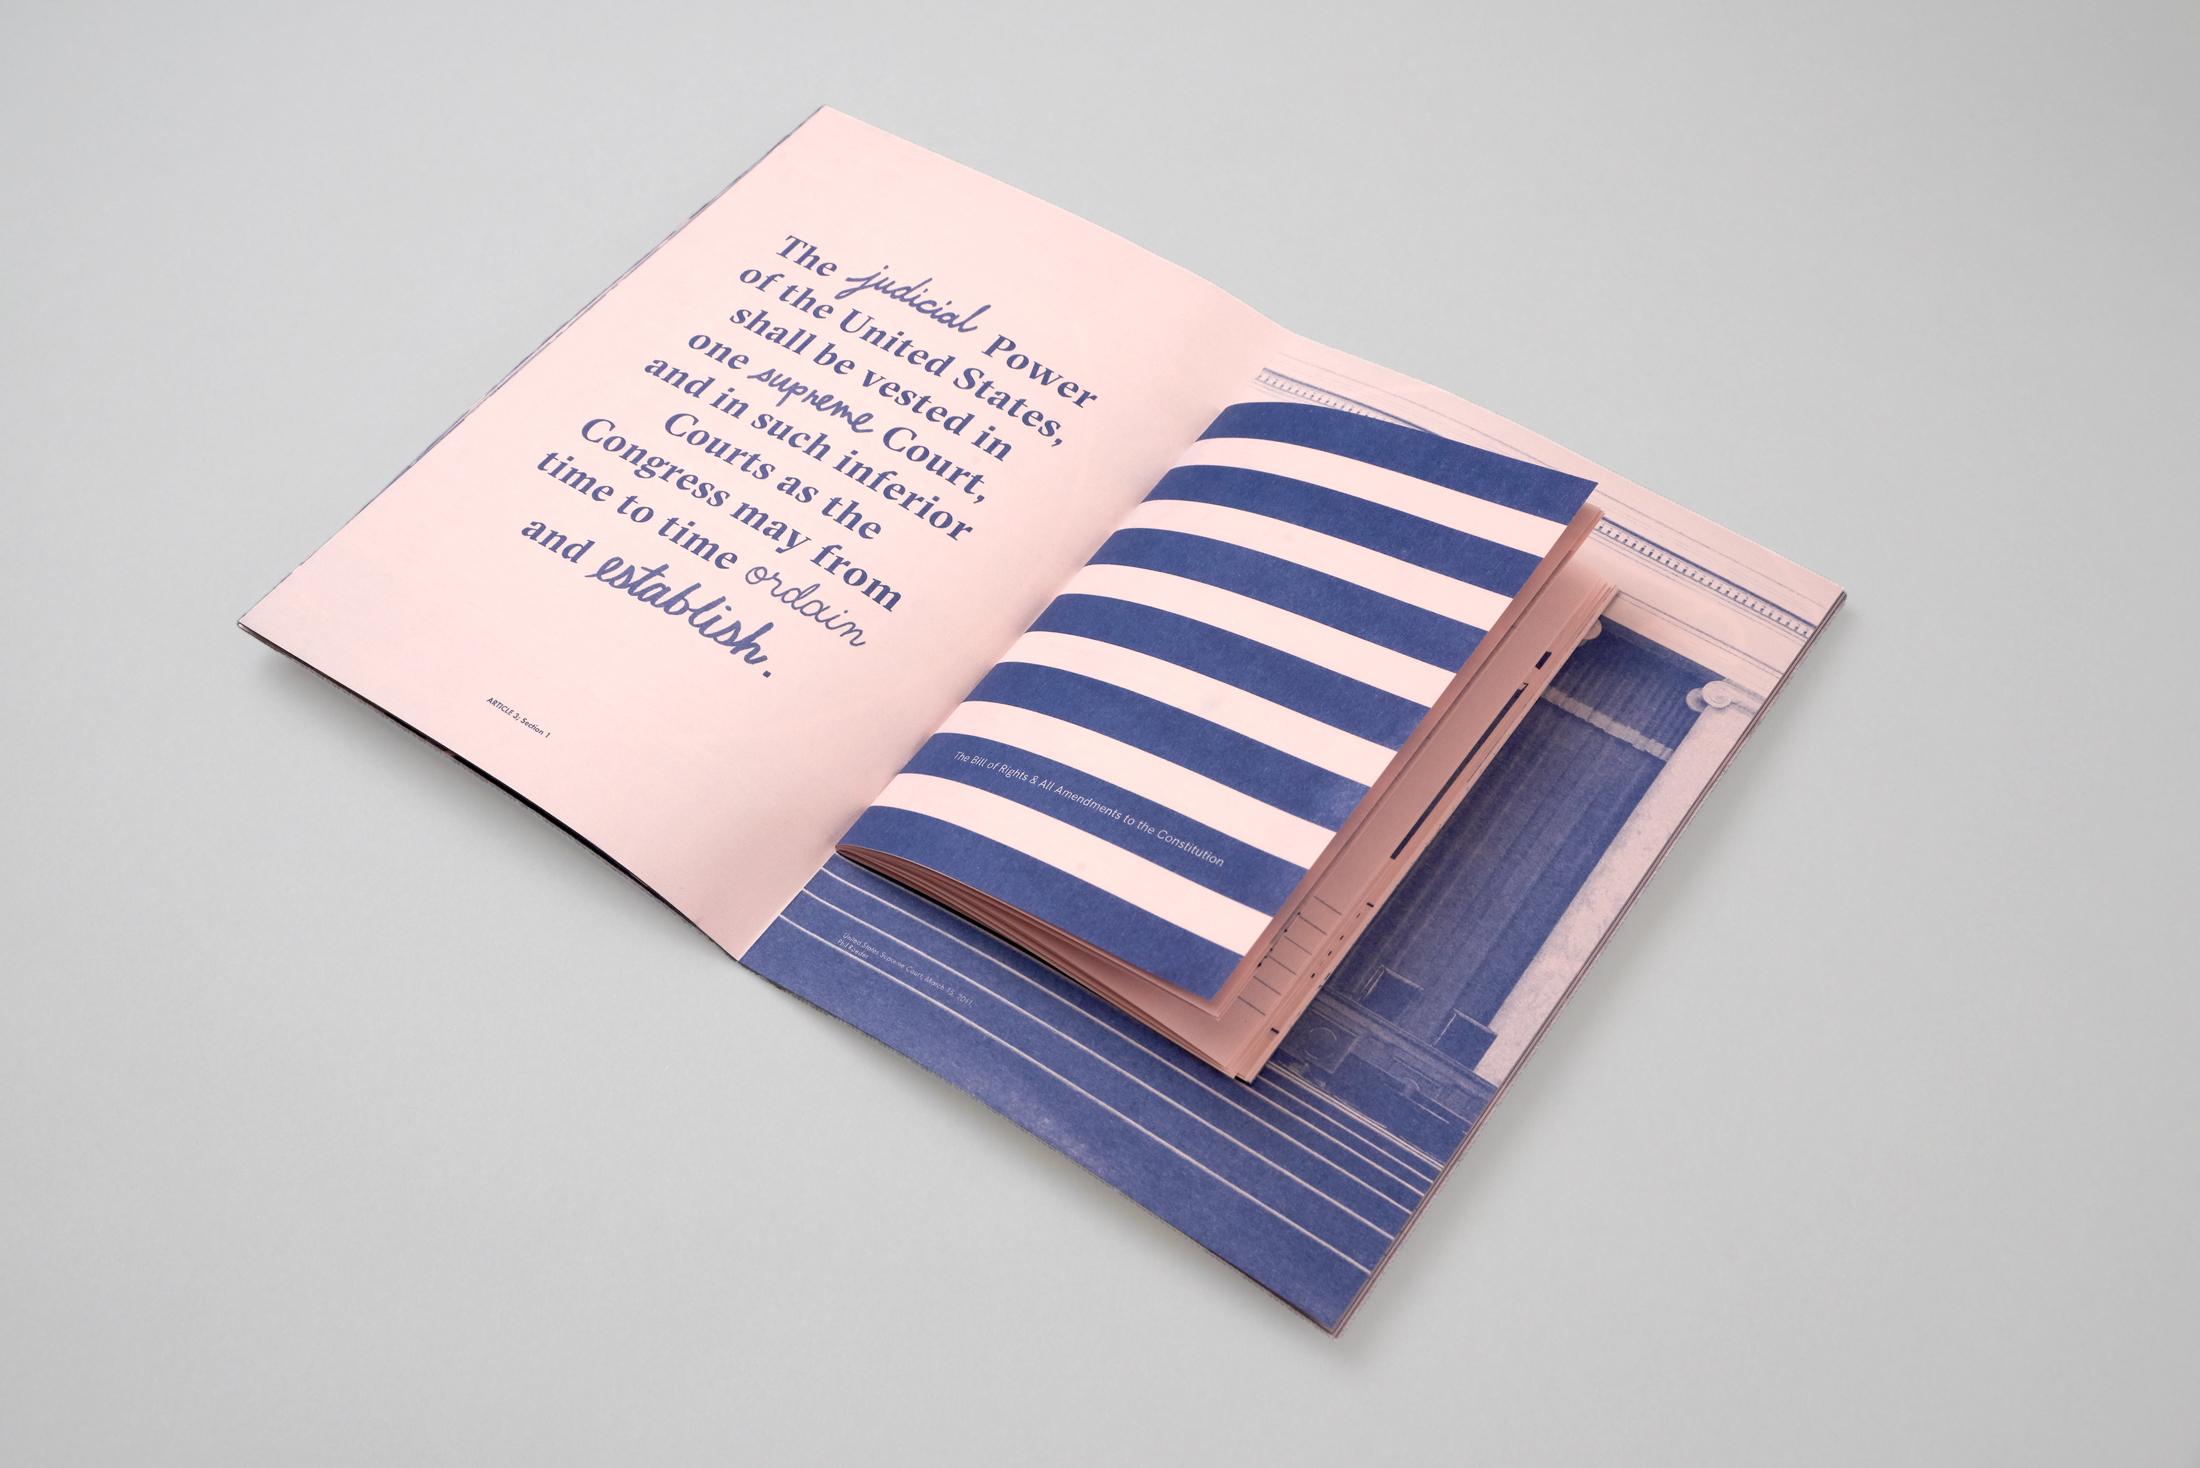 book_2_revised.jpg